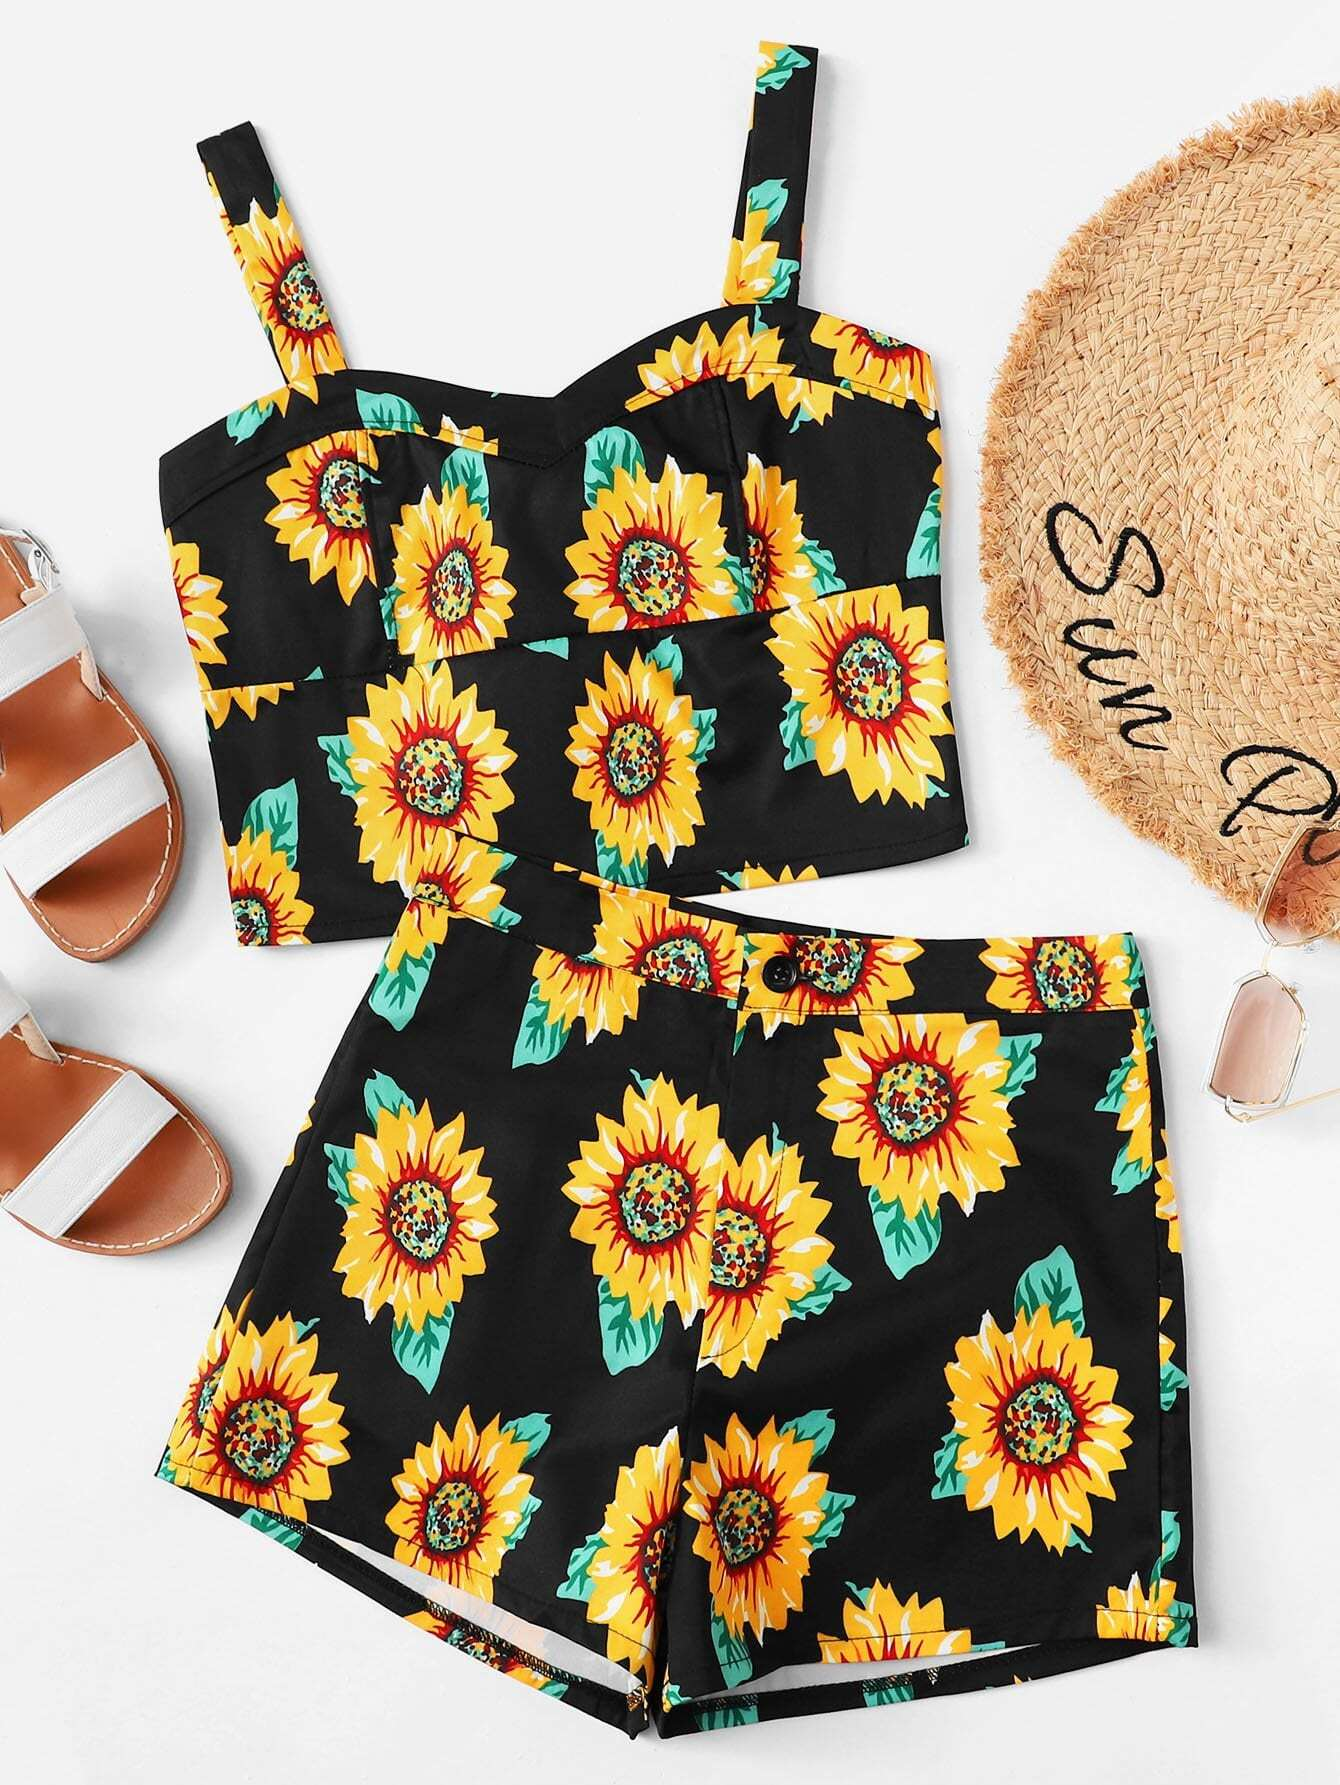 92e25547ab028 ¡Consigue este tipo de top corto de SheIn ahora! Haz clic para ver los  detalles. Envíos gratis a toda España. Crop Cami Top With Contrast Trim  Shorts  .